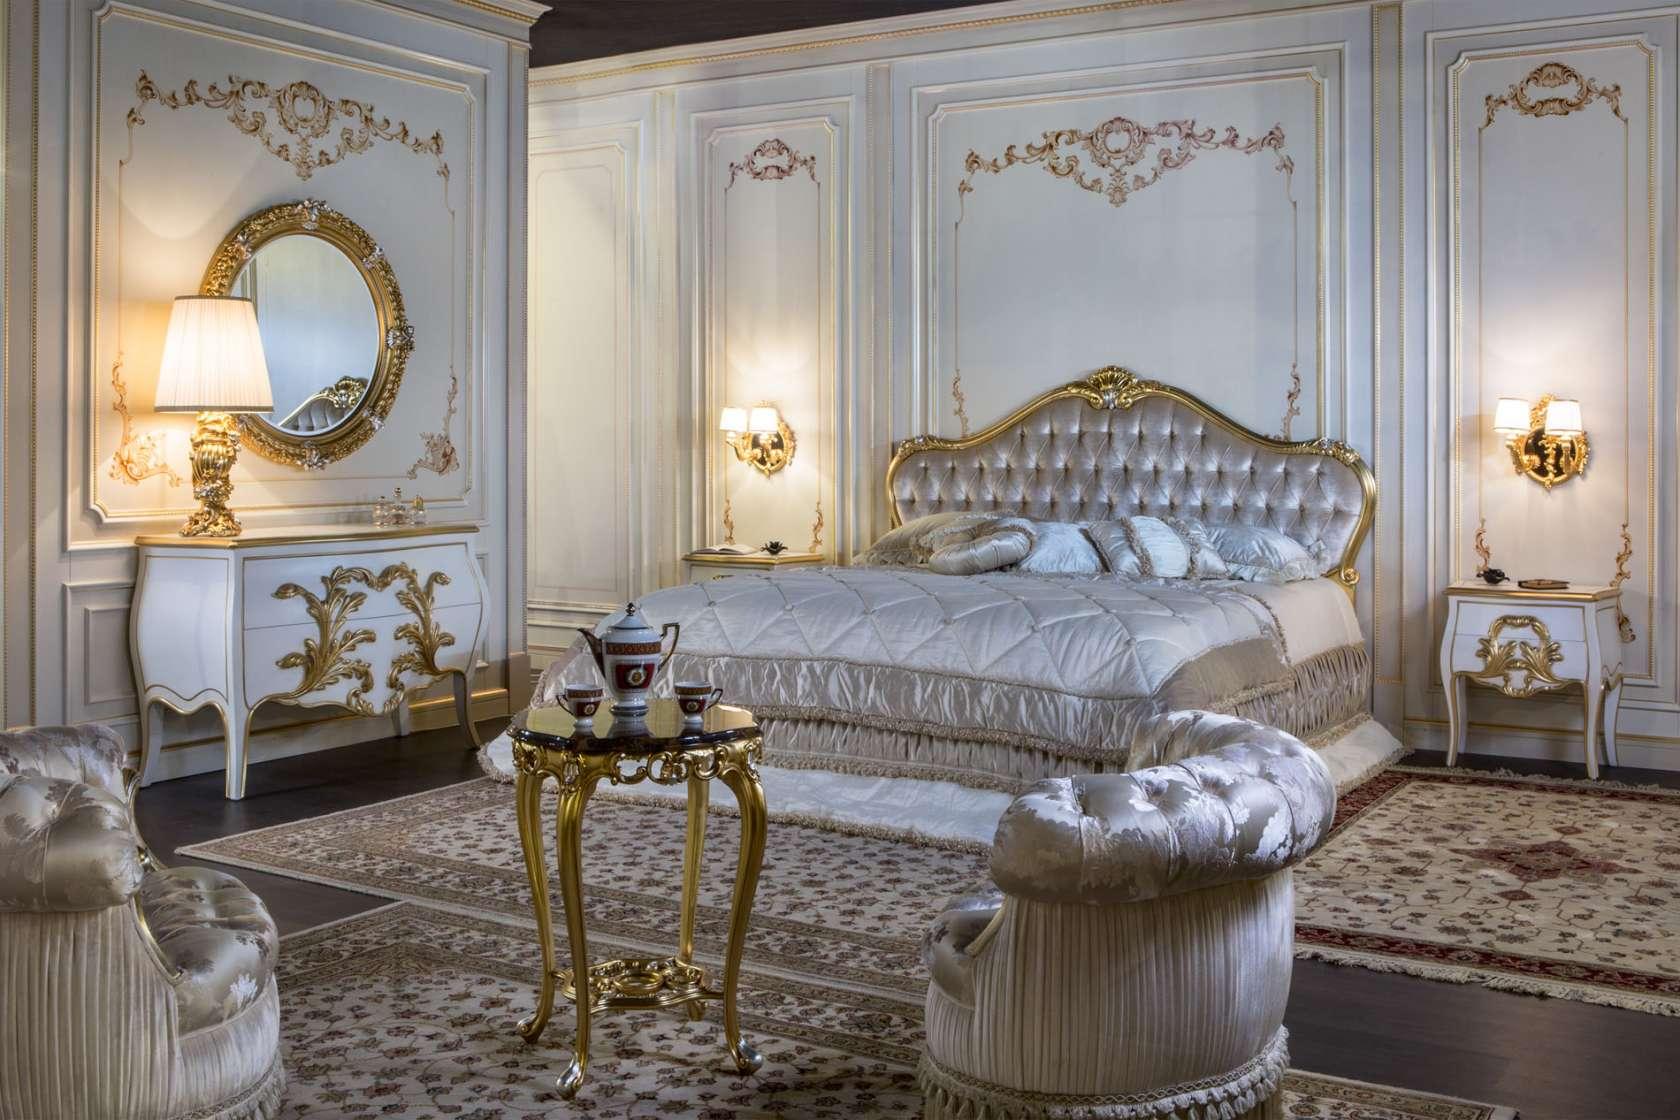 Camera da letto matrimoniale classica | Vimercati Meda